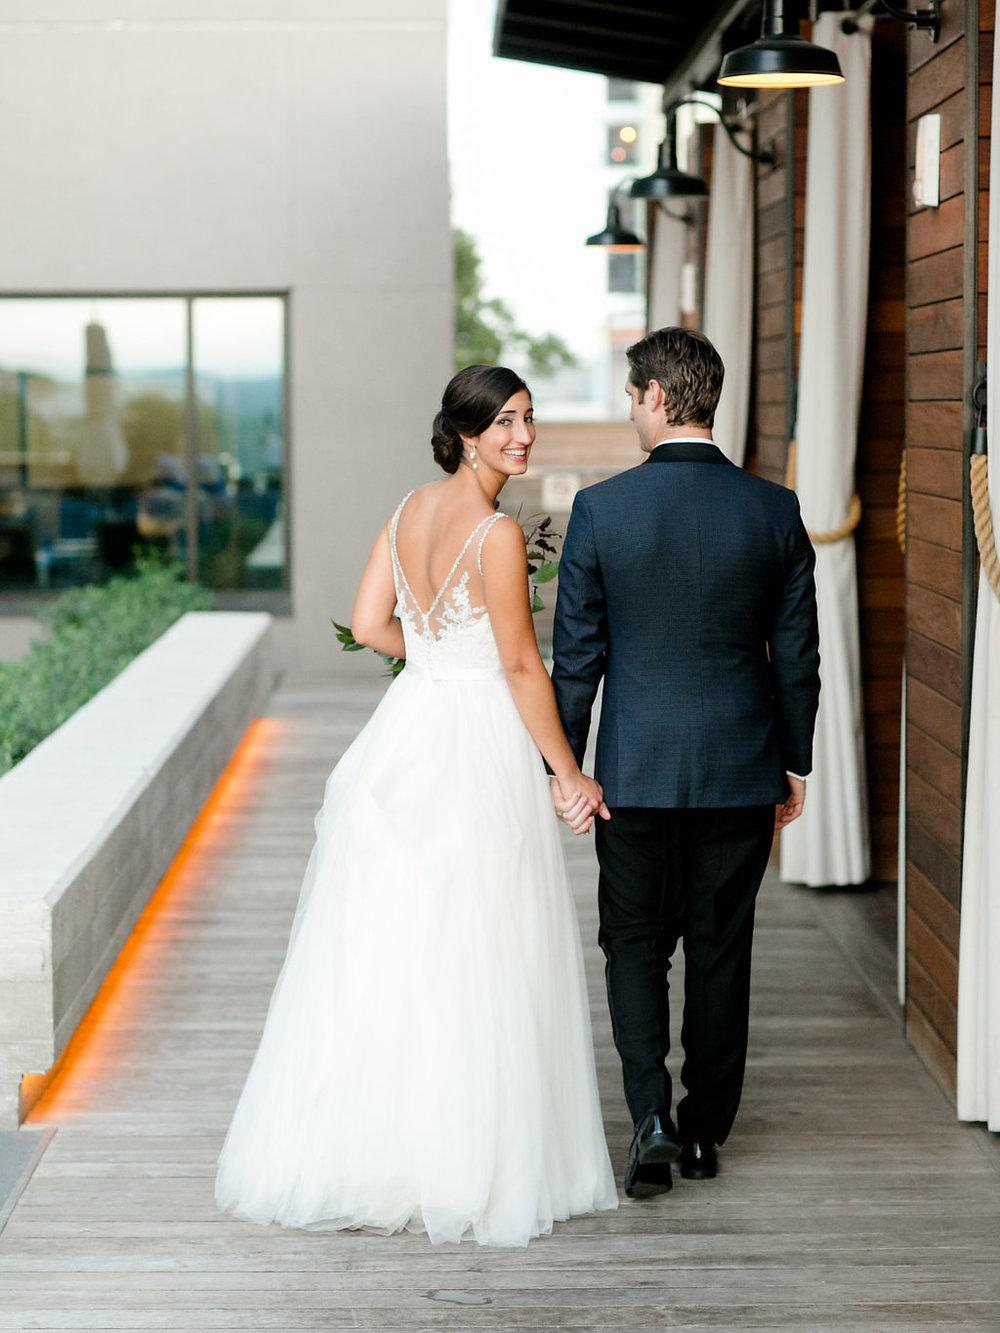 Rachel_Ben_Wedding_Hotel_Van_Zandt676.jpg